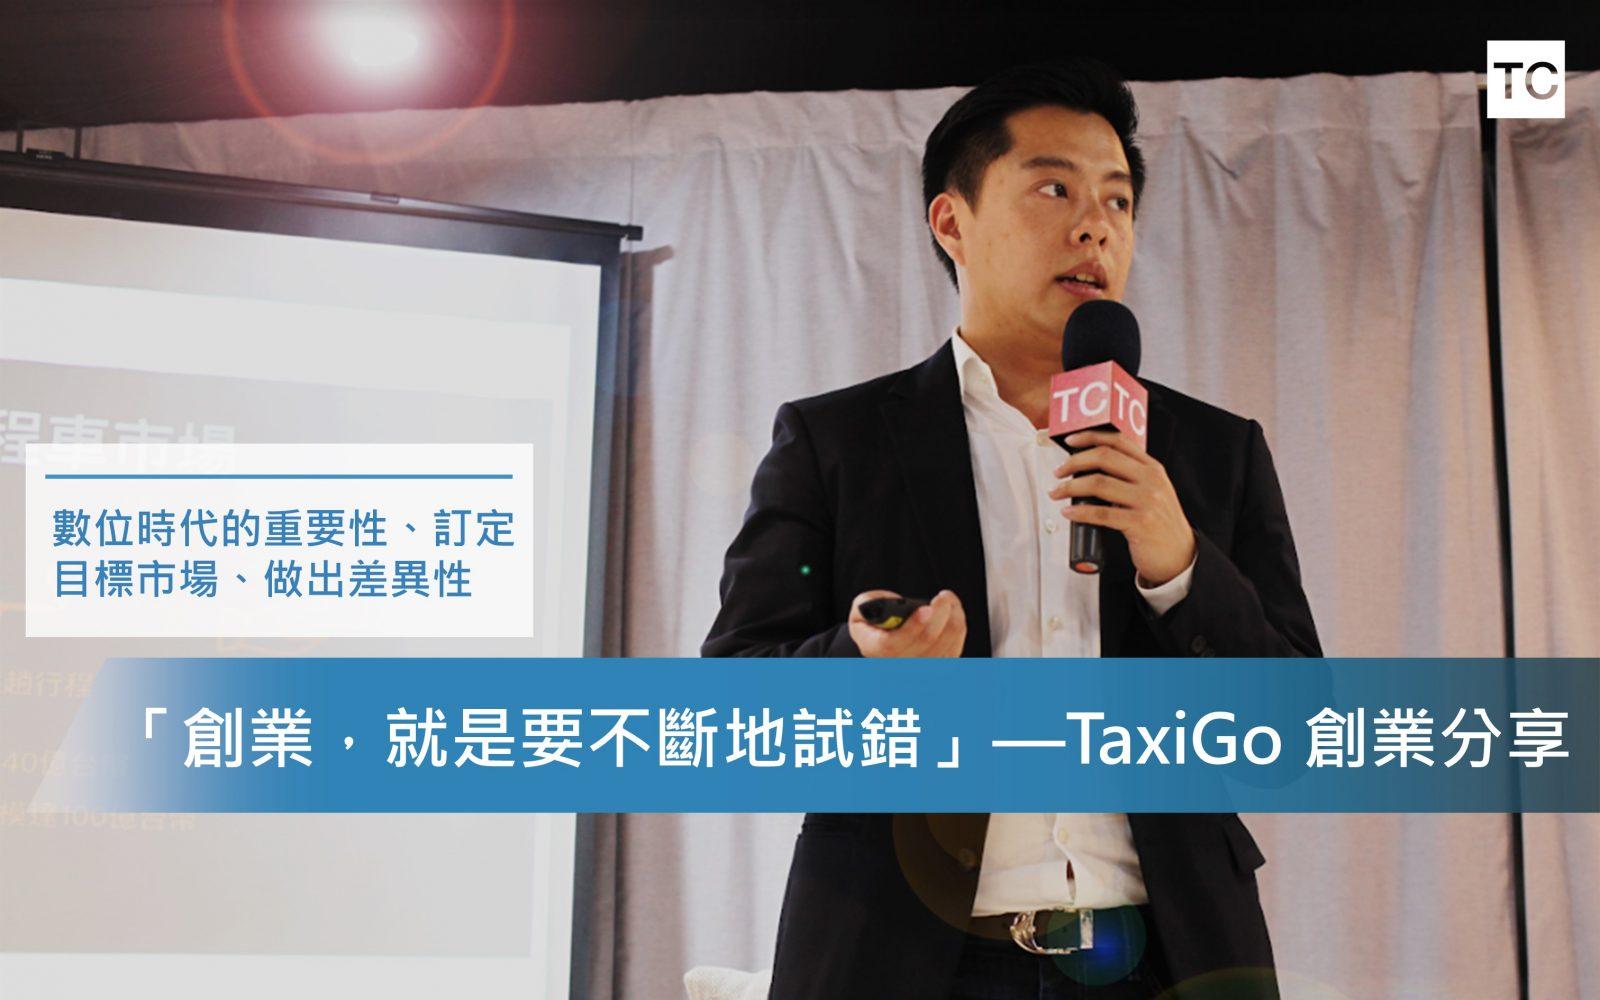 「創業,就是需要快速地試錯」—TaxiGo創業分享